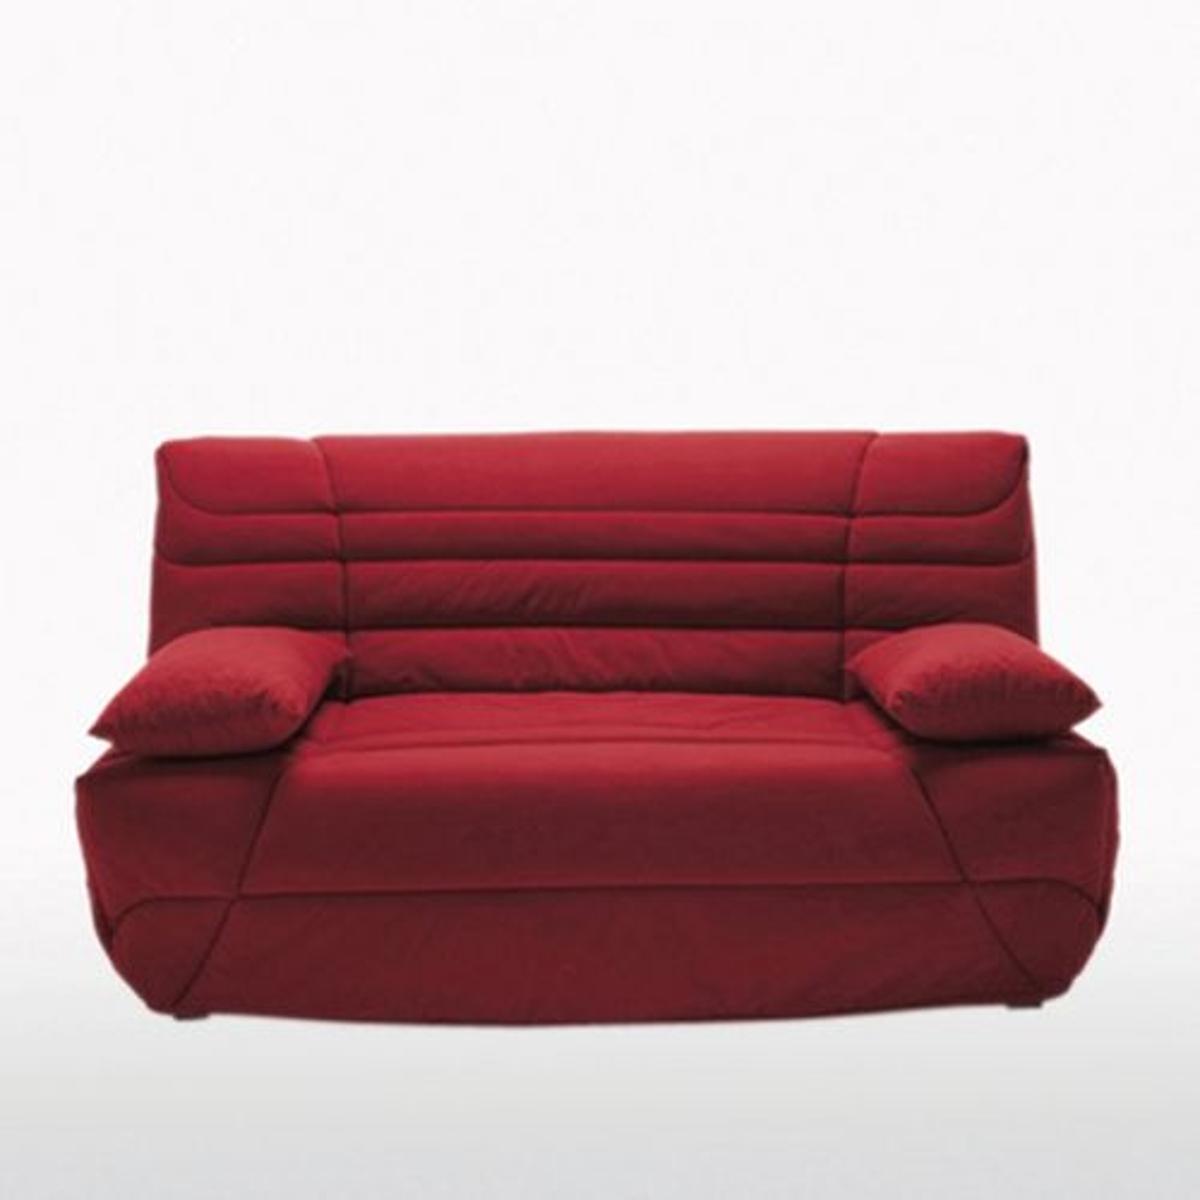 25 sur banquette bz matelas m moire de forme p 14 cm vendu par la redoute 13257793. Black Bedroom Furniture Sets. Home Design Ideas